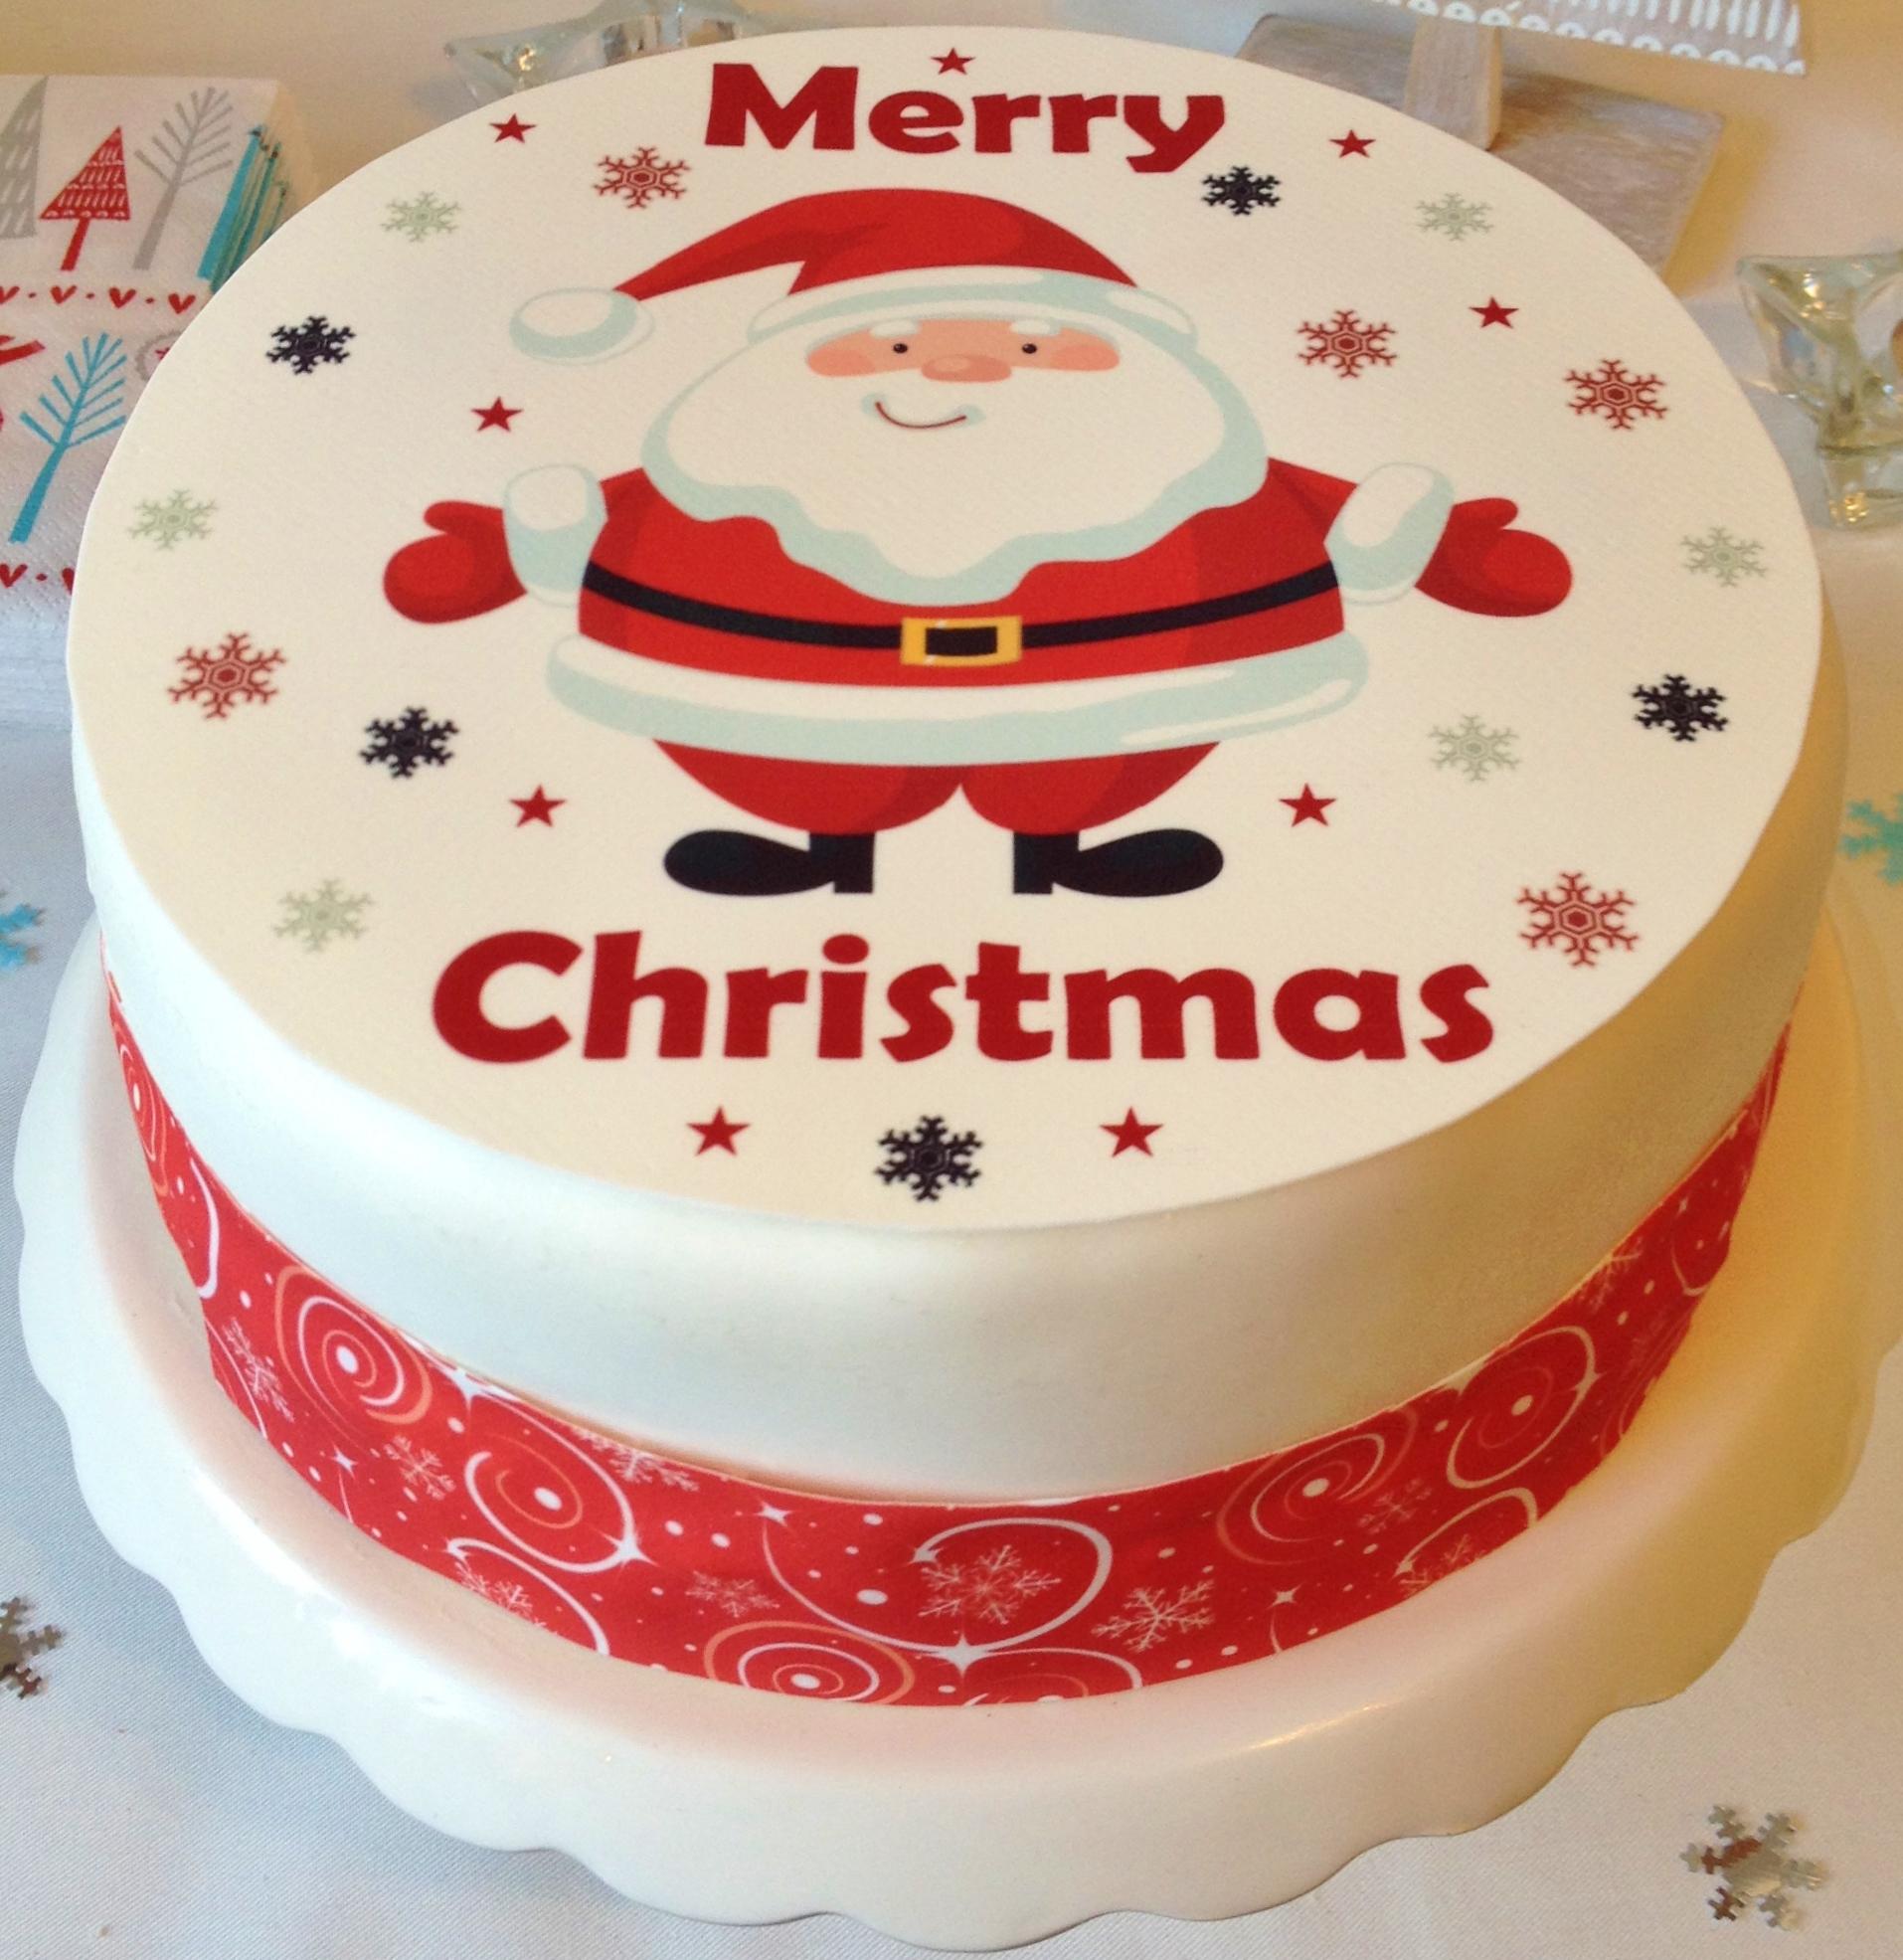 صور تورته الكريسماس 2015، افكار تورتات رأس السنة christmas cake 2015